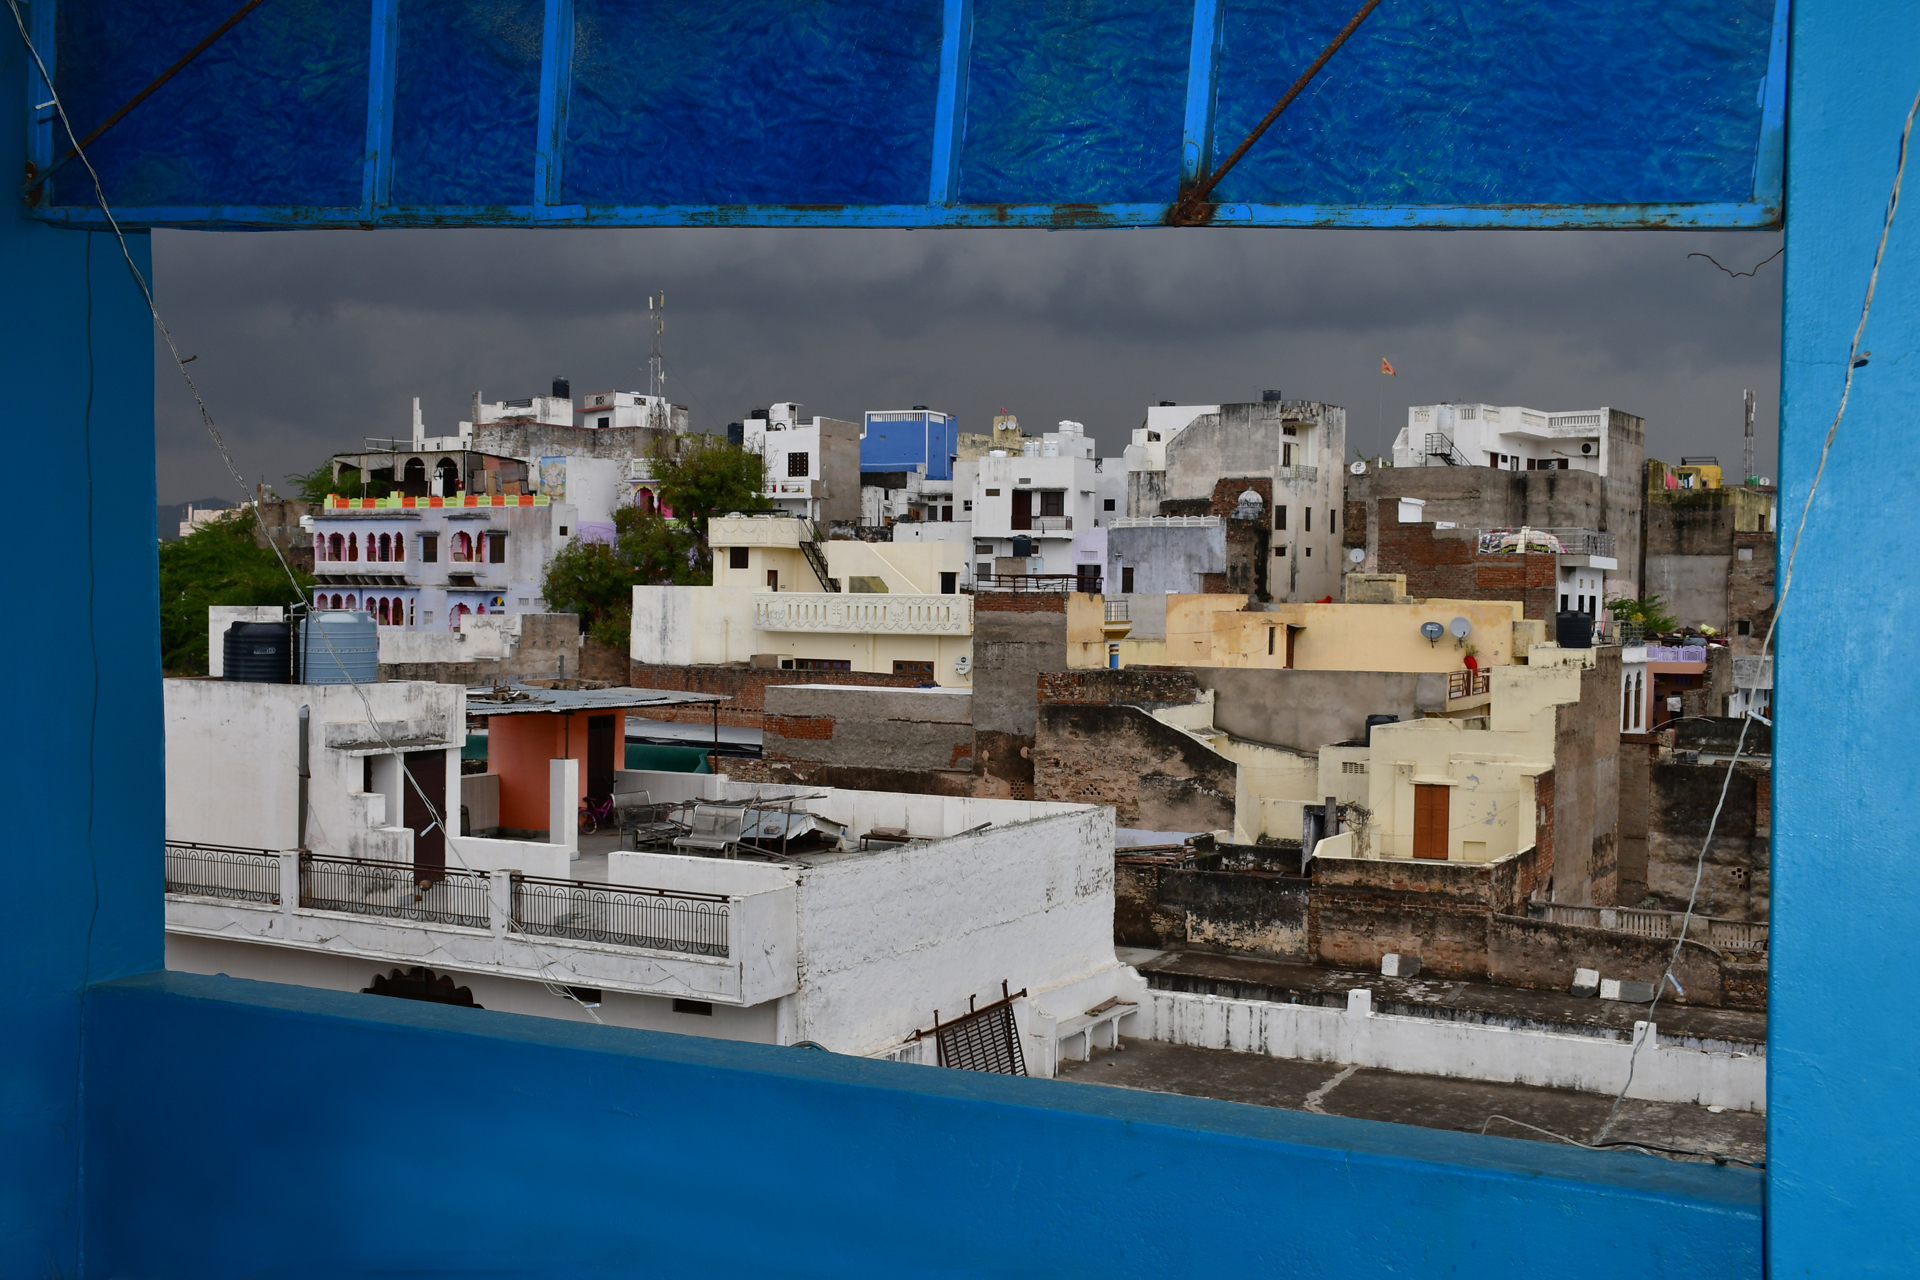 חלום כחול - הודו - פושקר - יואל שתרוג - אדמה יוצרת - yoel sitruk